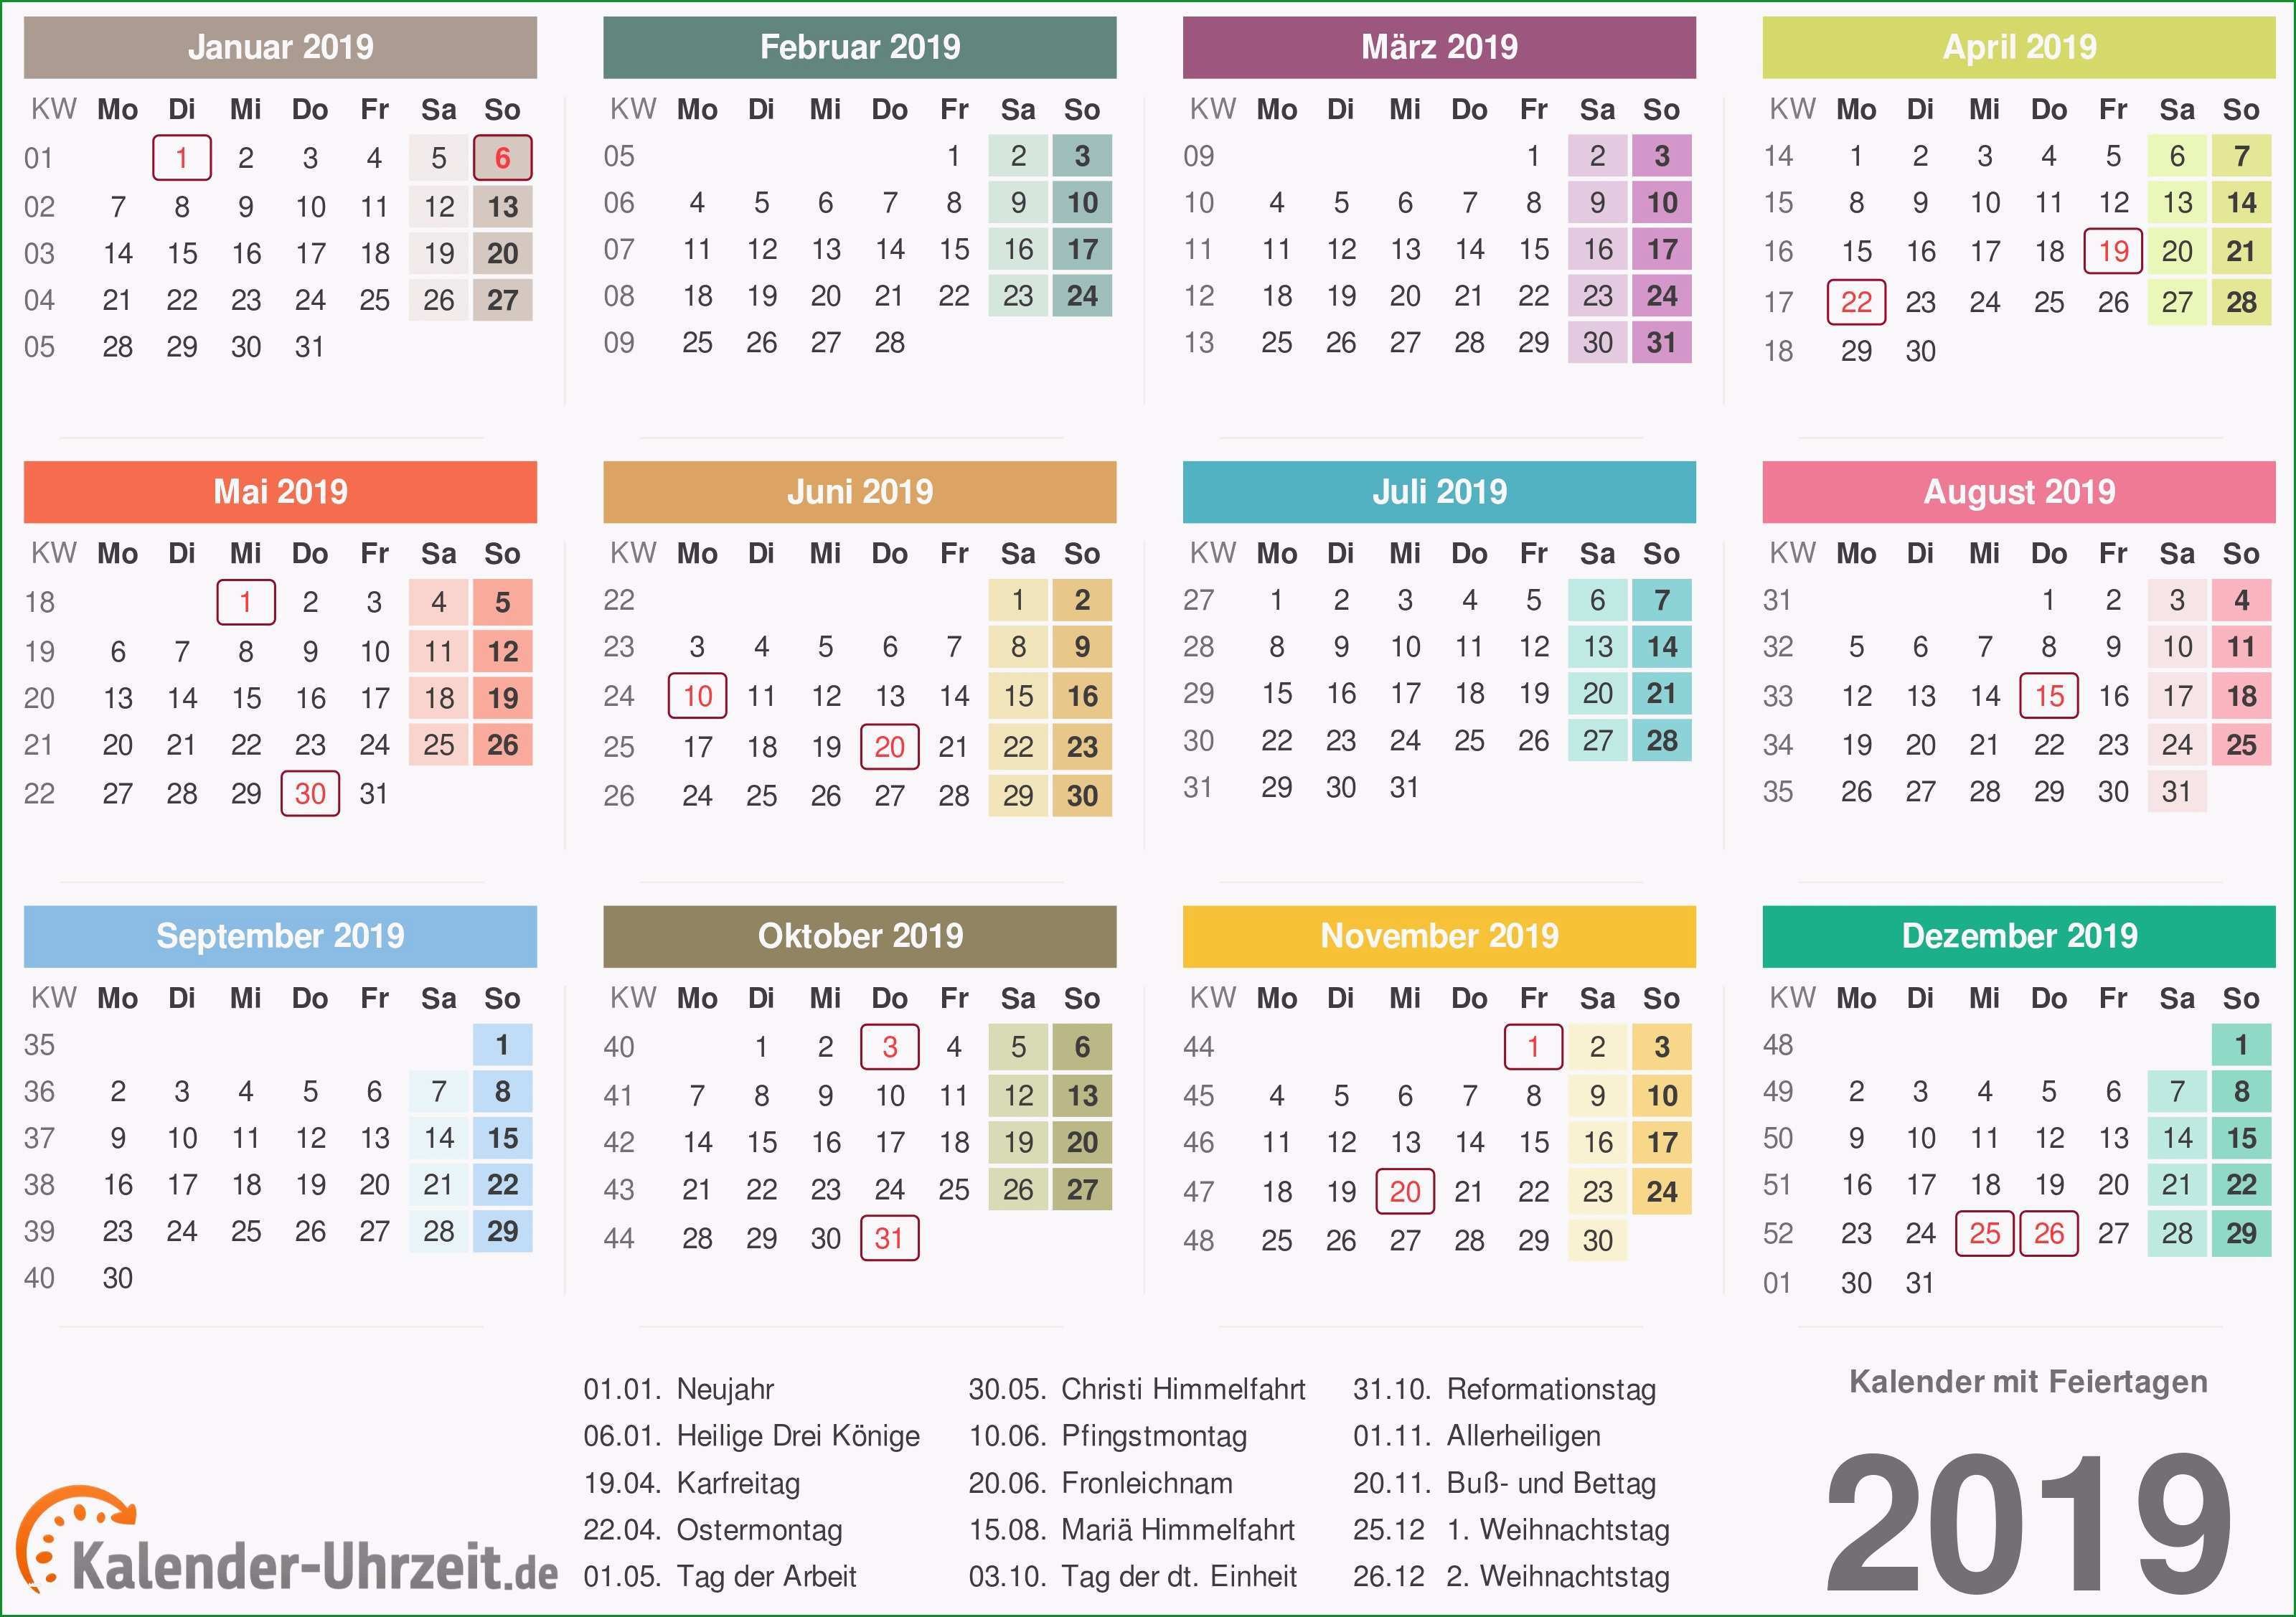 fotokalender 2018 vorlage angenehm kalender 2019 mit feiertagen